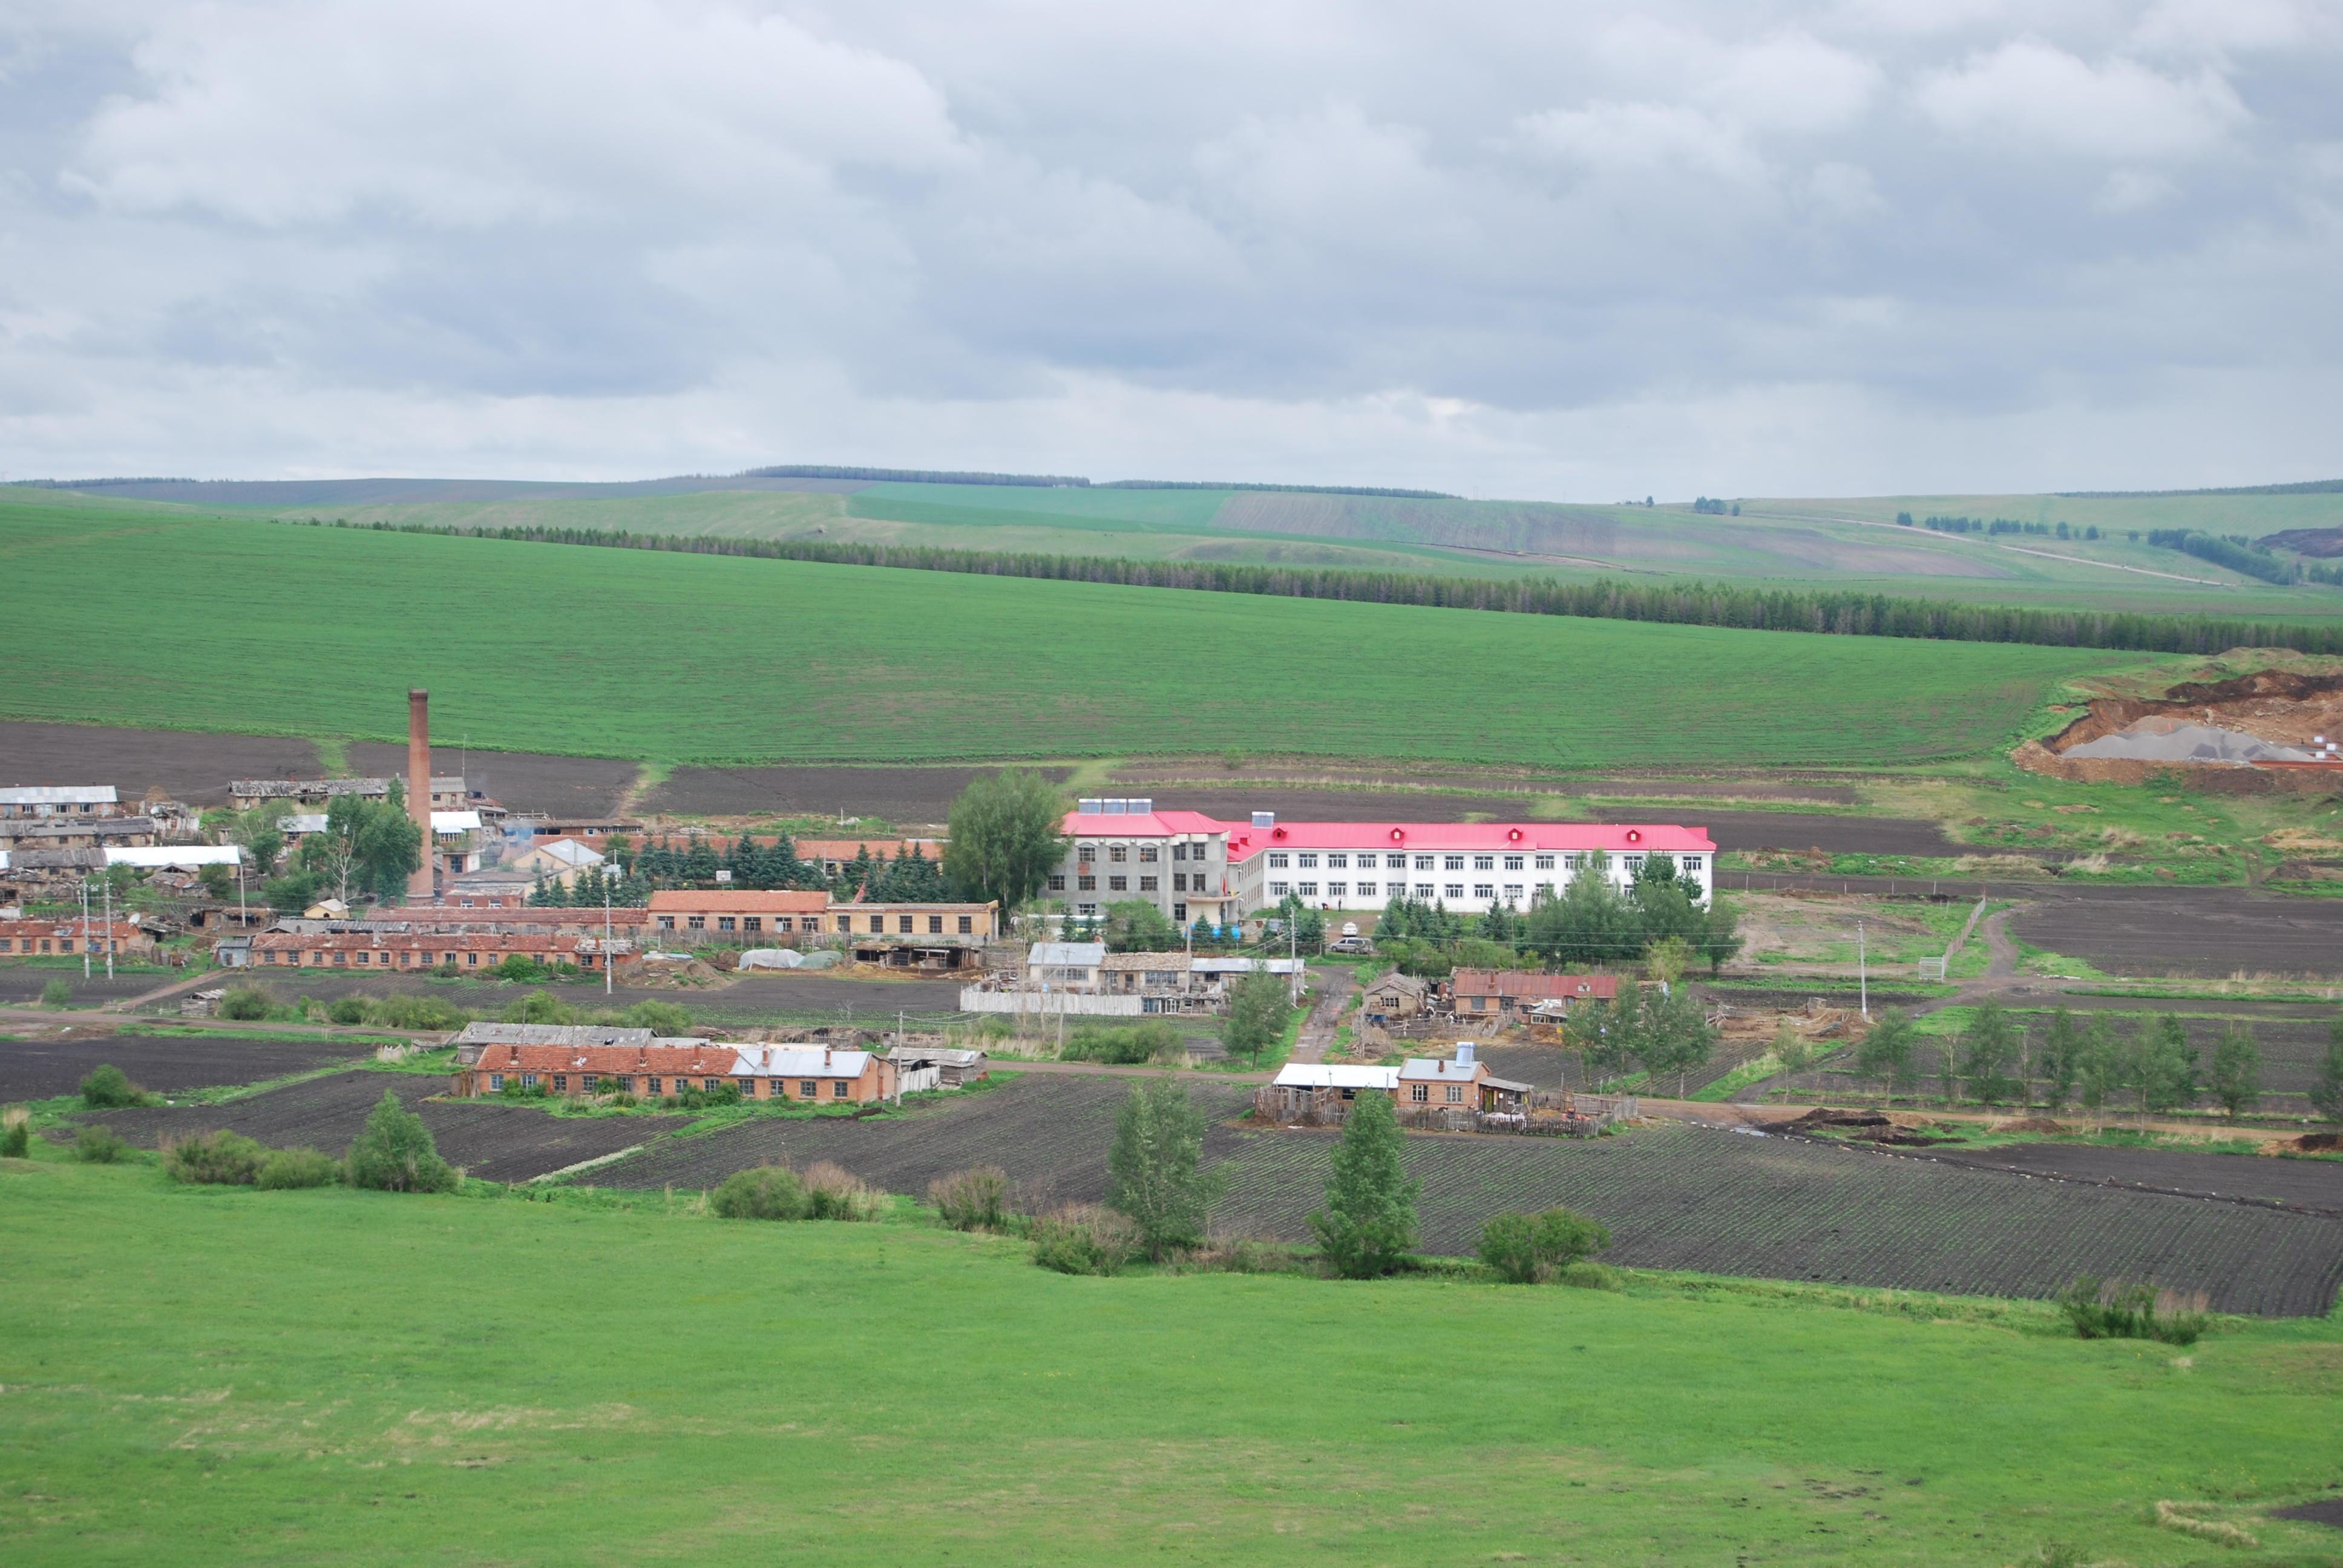 2009年 医院全景.JPG